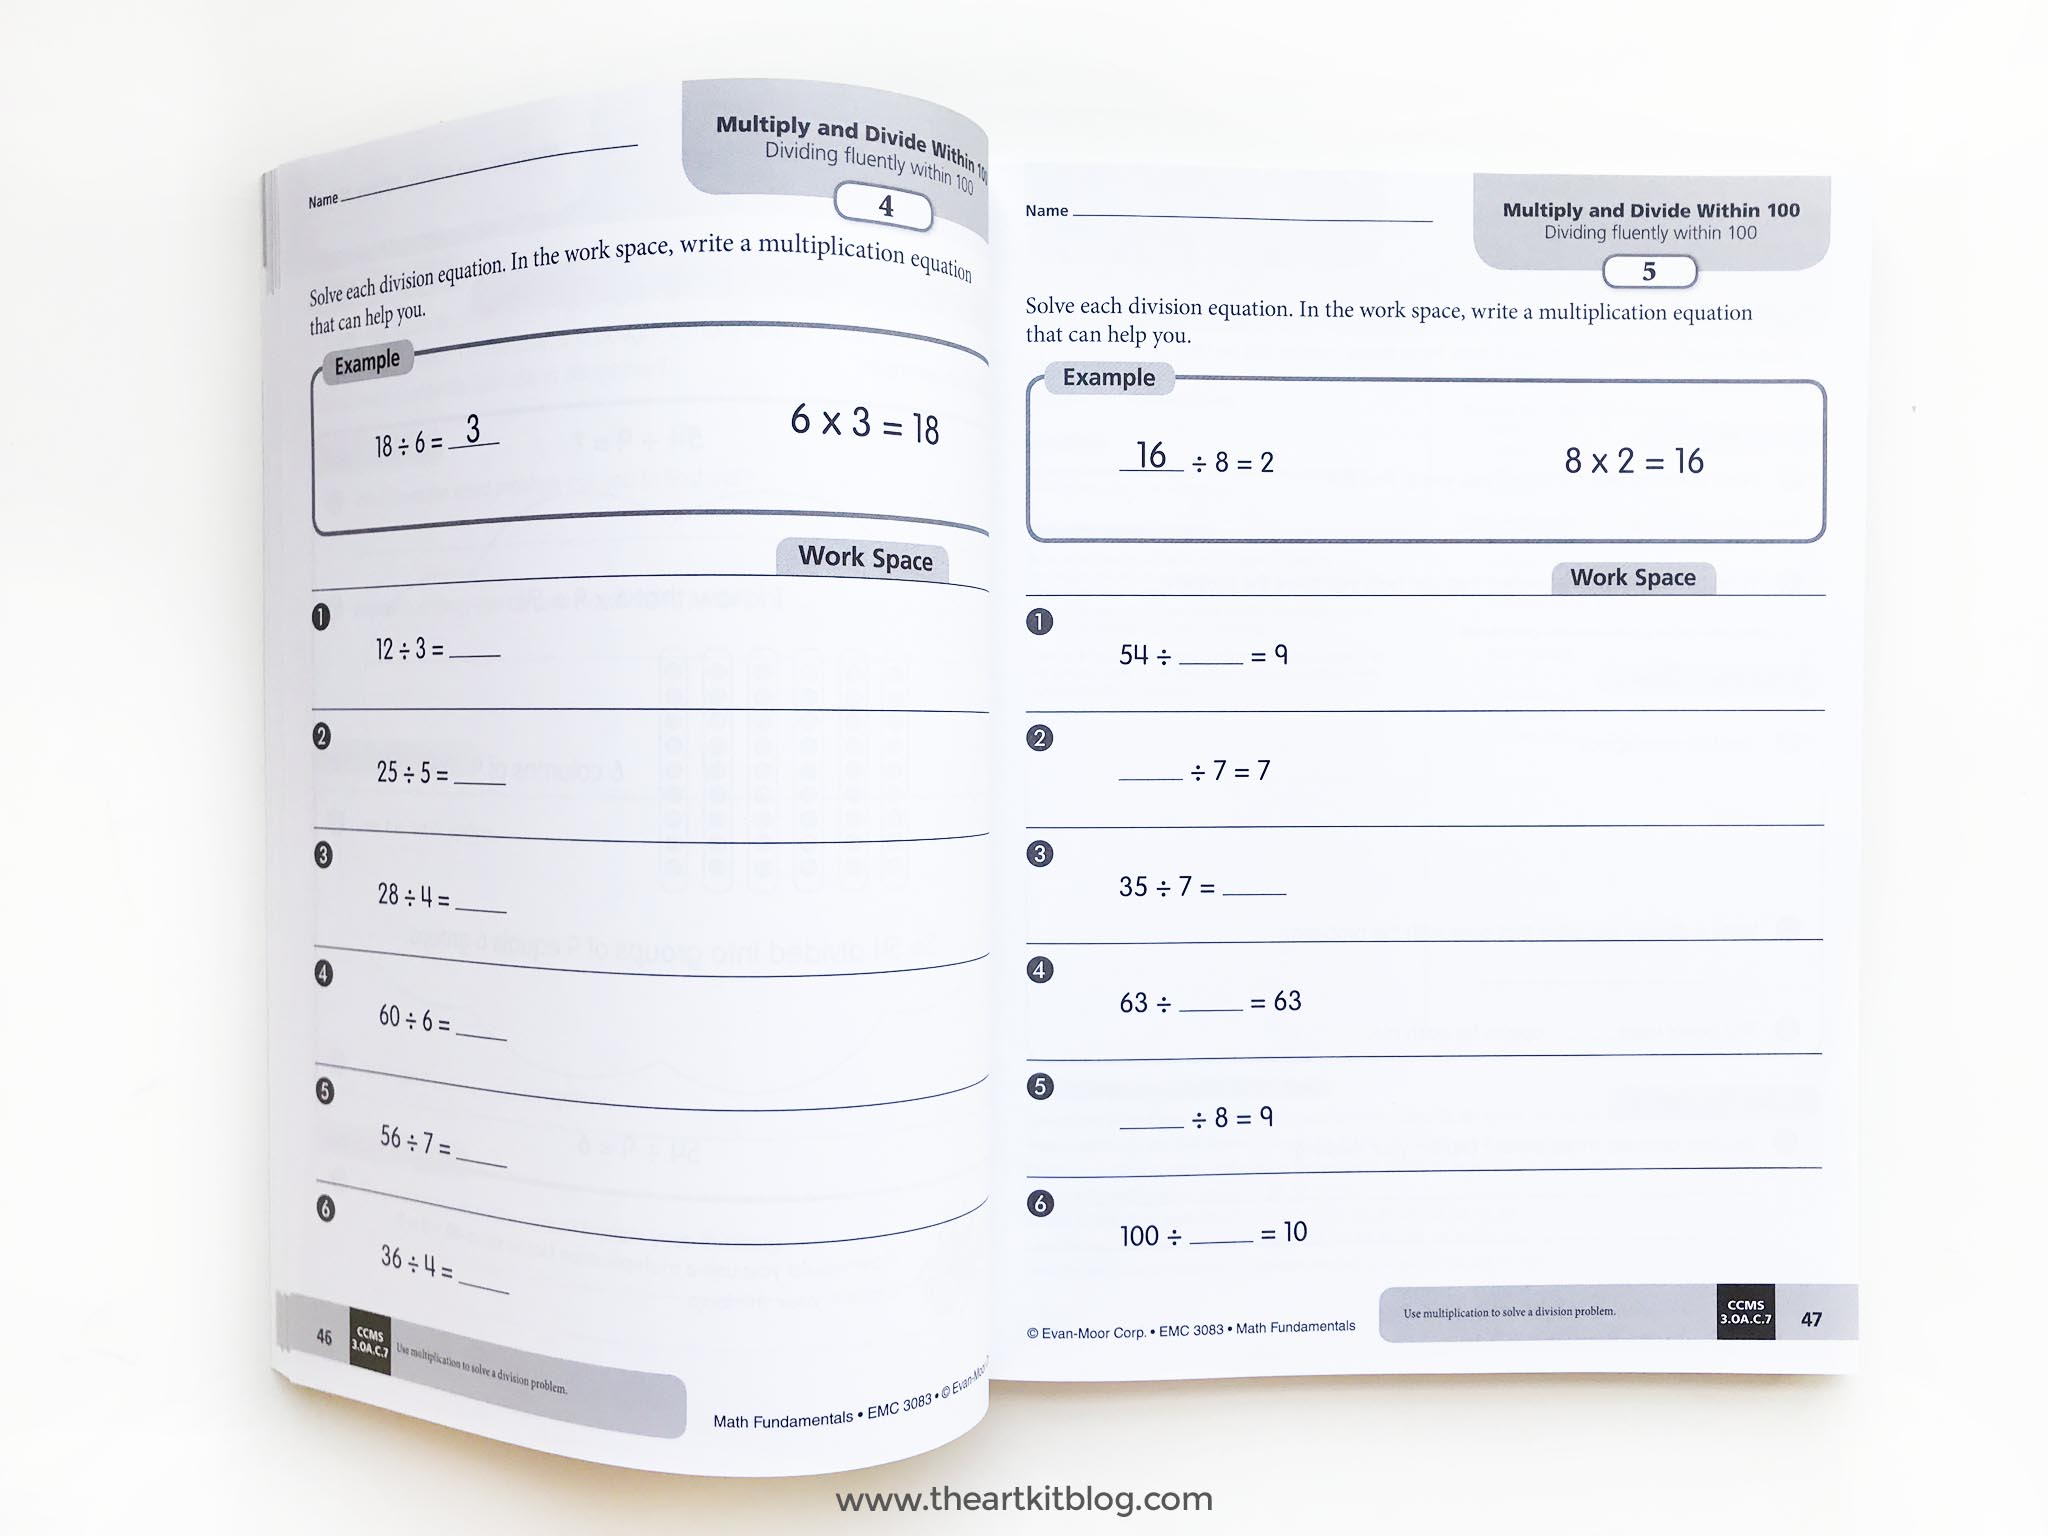 math fundamentals book review grade 3 homeschool curriculum